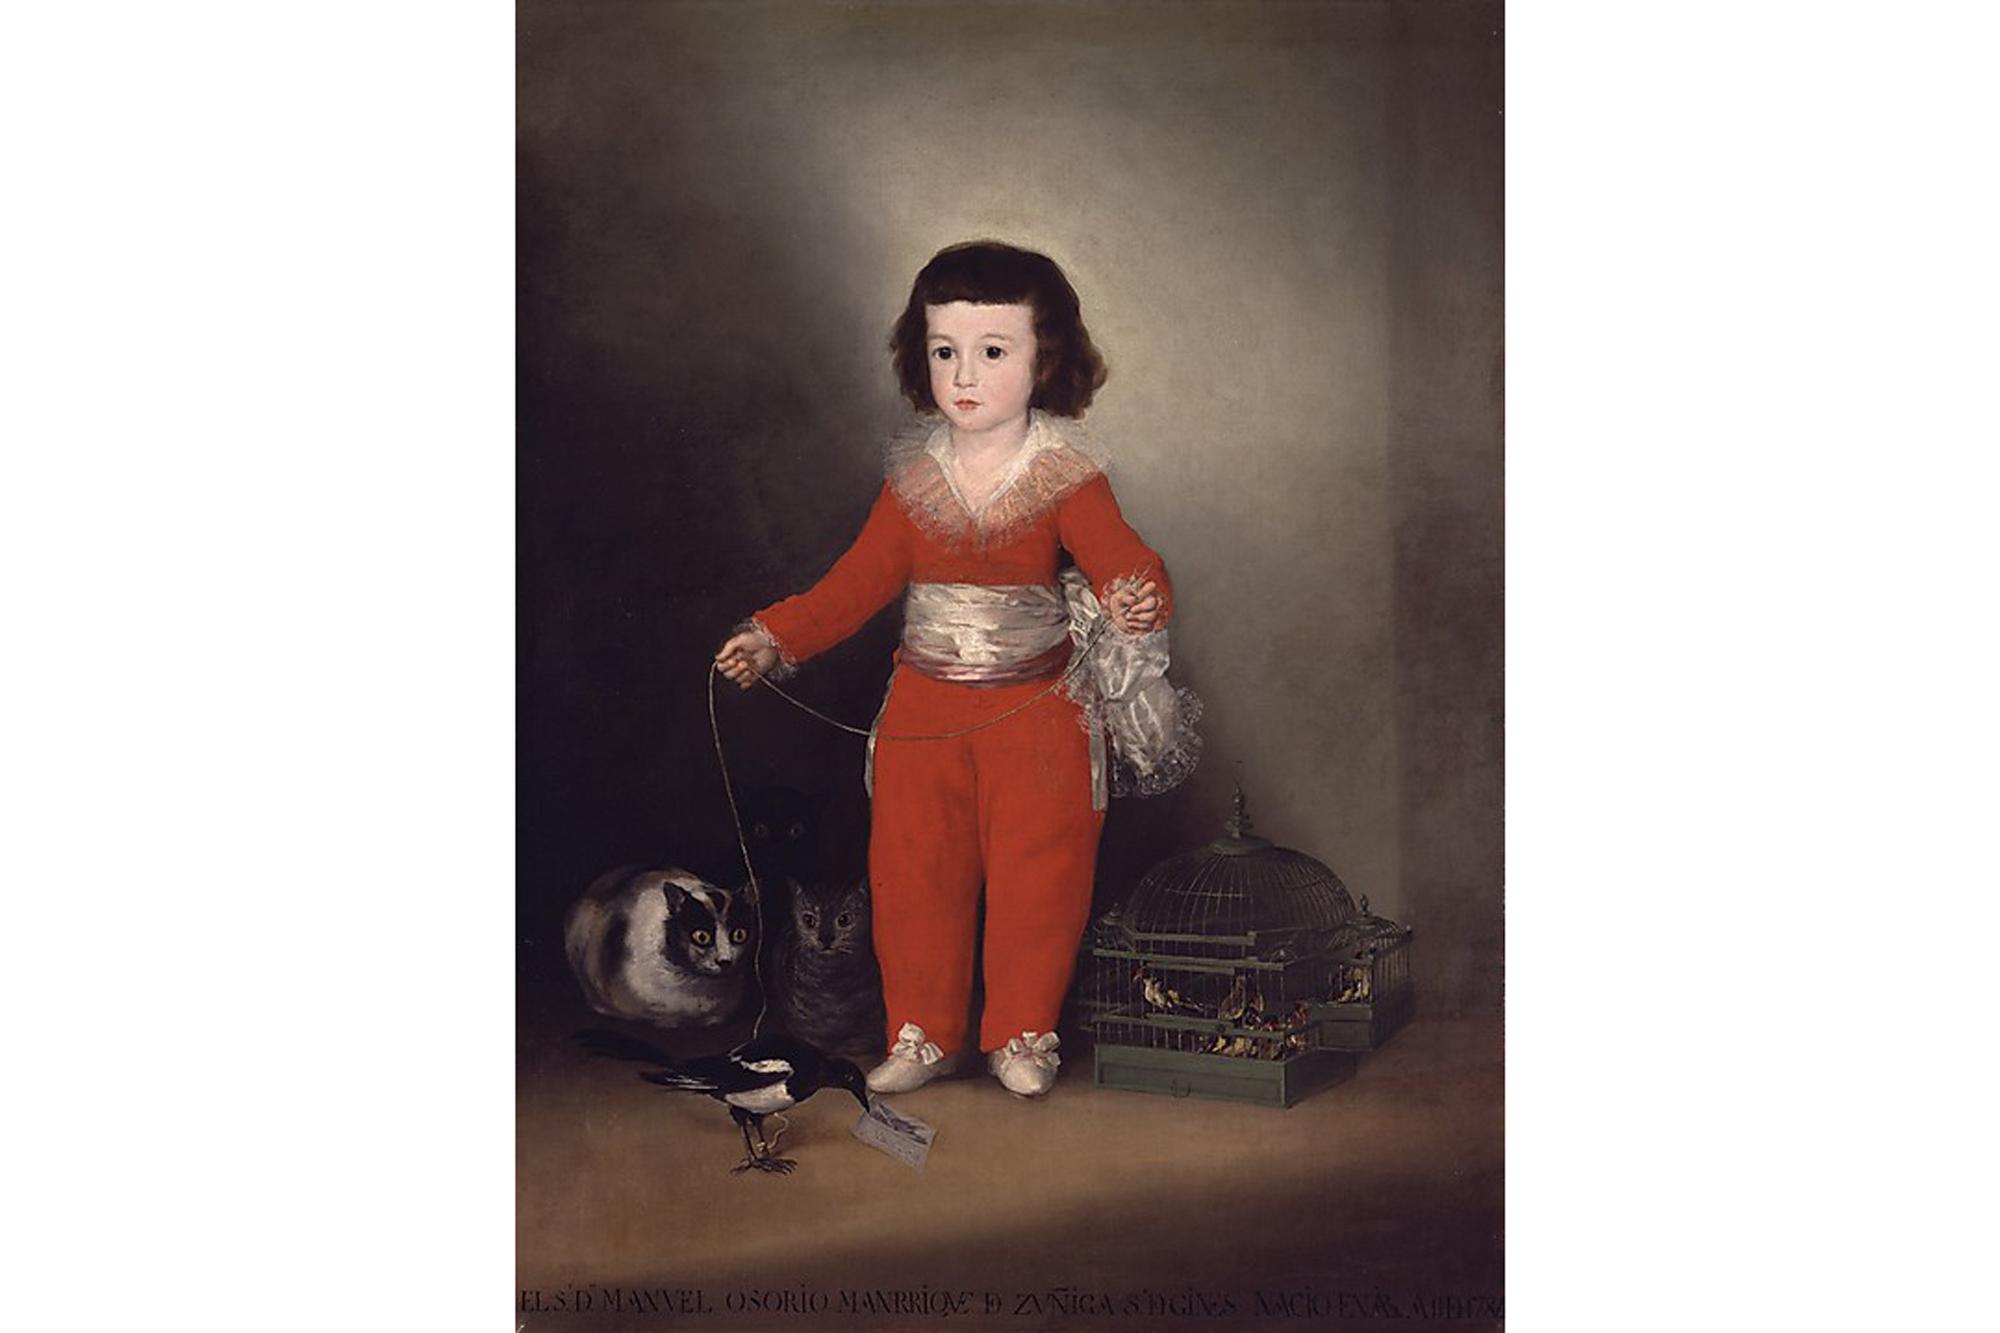 Goya, Manuel Osorio Manrique de Zuiga (date unknown)